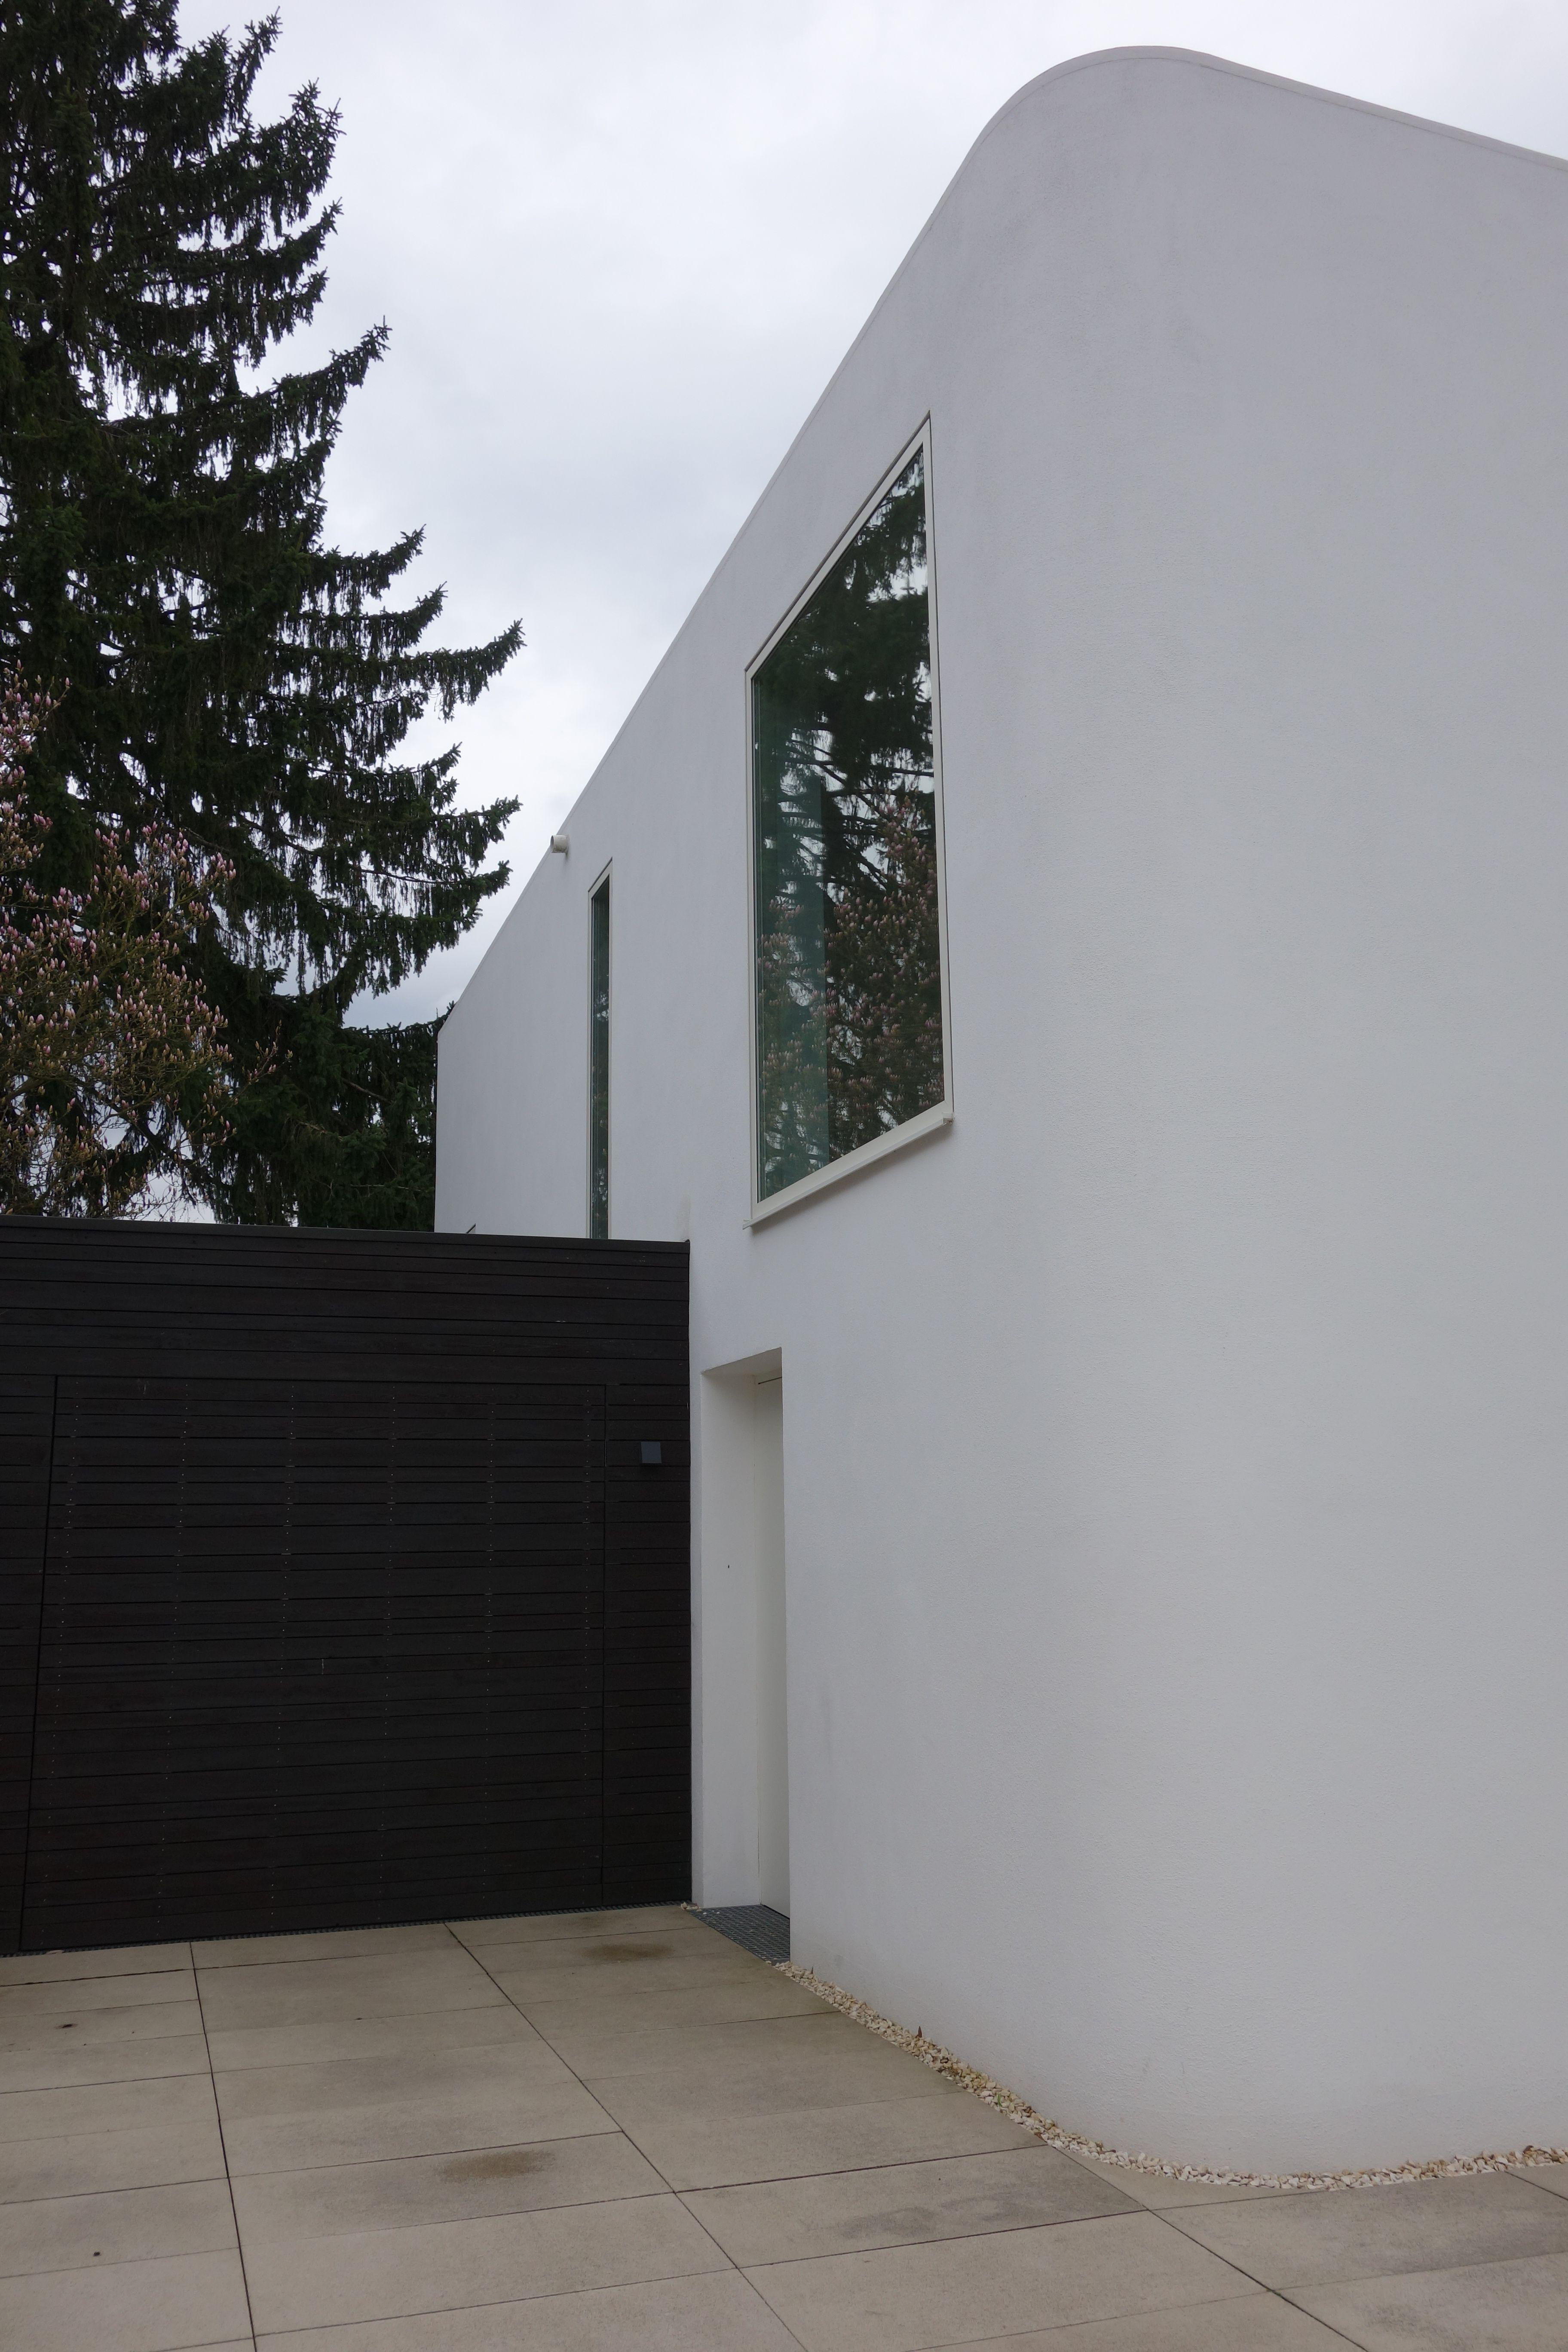 Fenster Schmitz Hürth efh in köln velfac fenster bodentiefefenster fassadenbündig